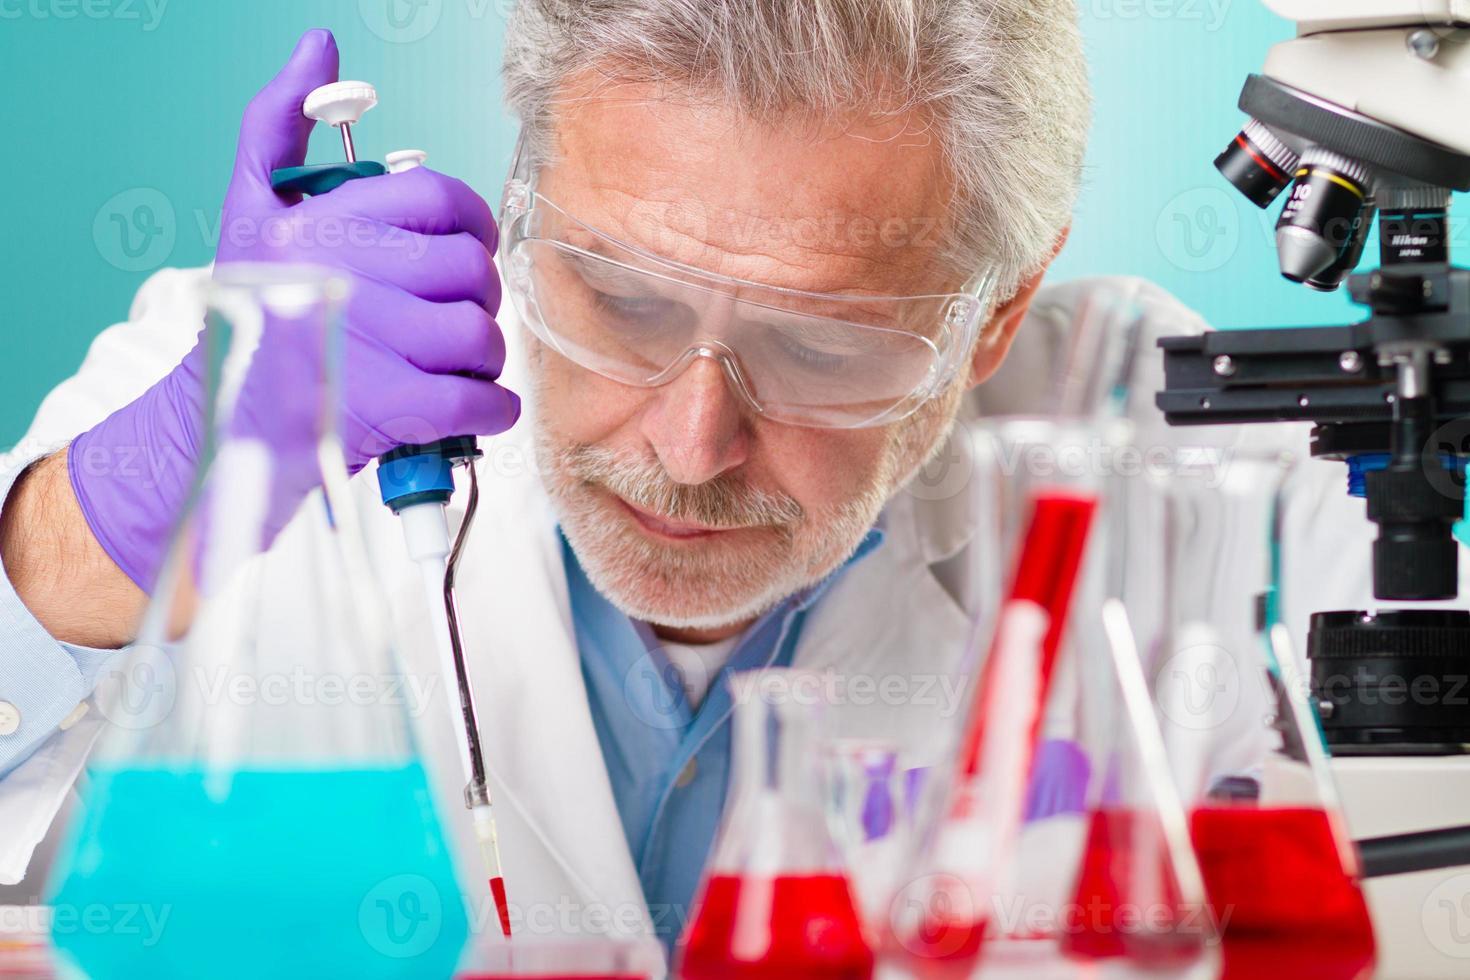 biowetenschappelijk onderzoek. foto